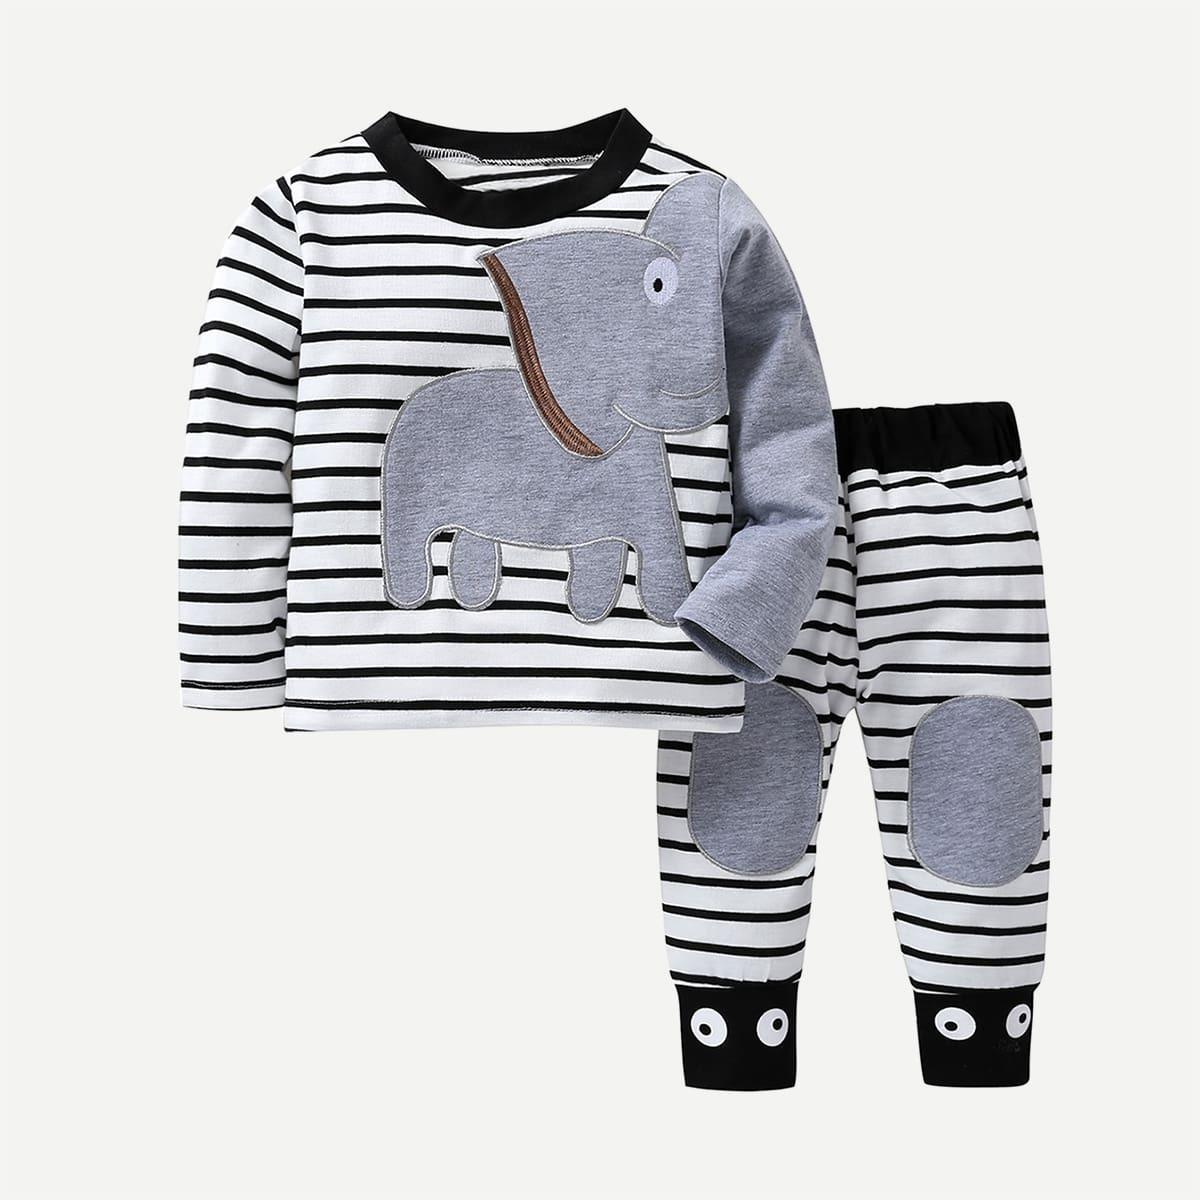 Футболка с принтом слона и полосатым и брюки для маленьких мальчиков от SHEIN